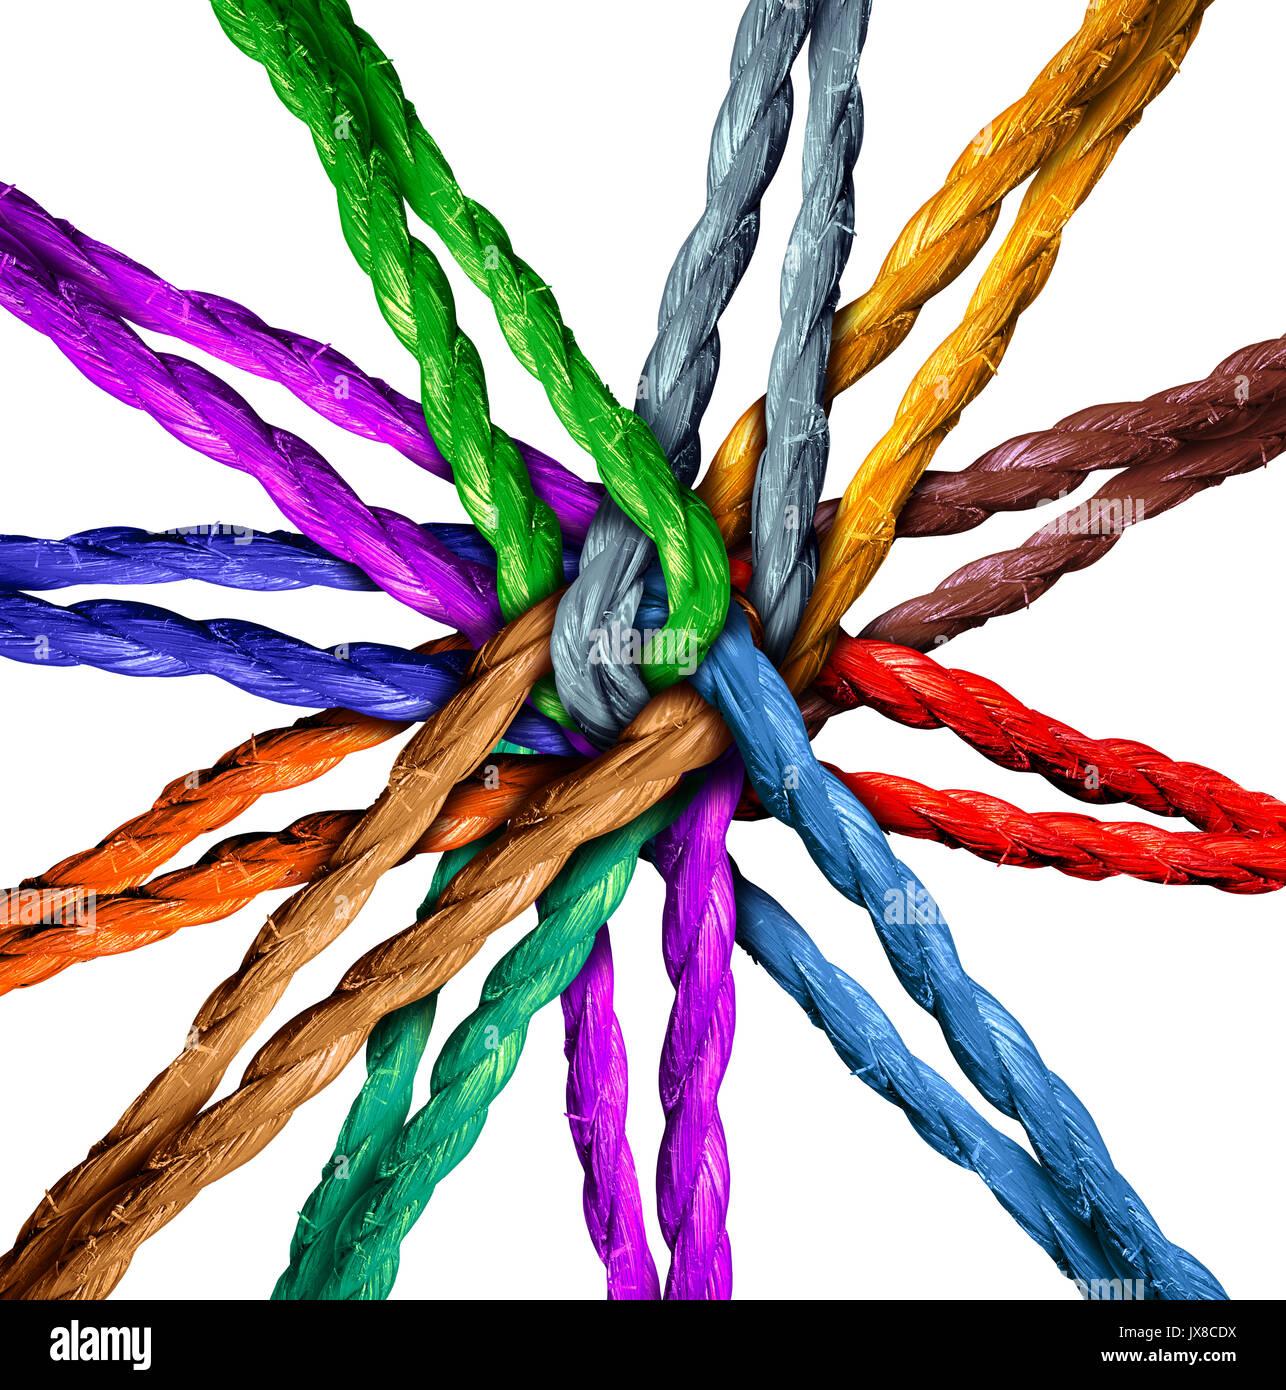 Equipo conectado conexión de red central el concepto empresarial como un grupo diverso de cables conectados en el centro 0como una metáfora de la red. Imagen De Stock